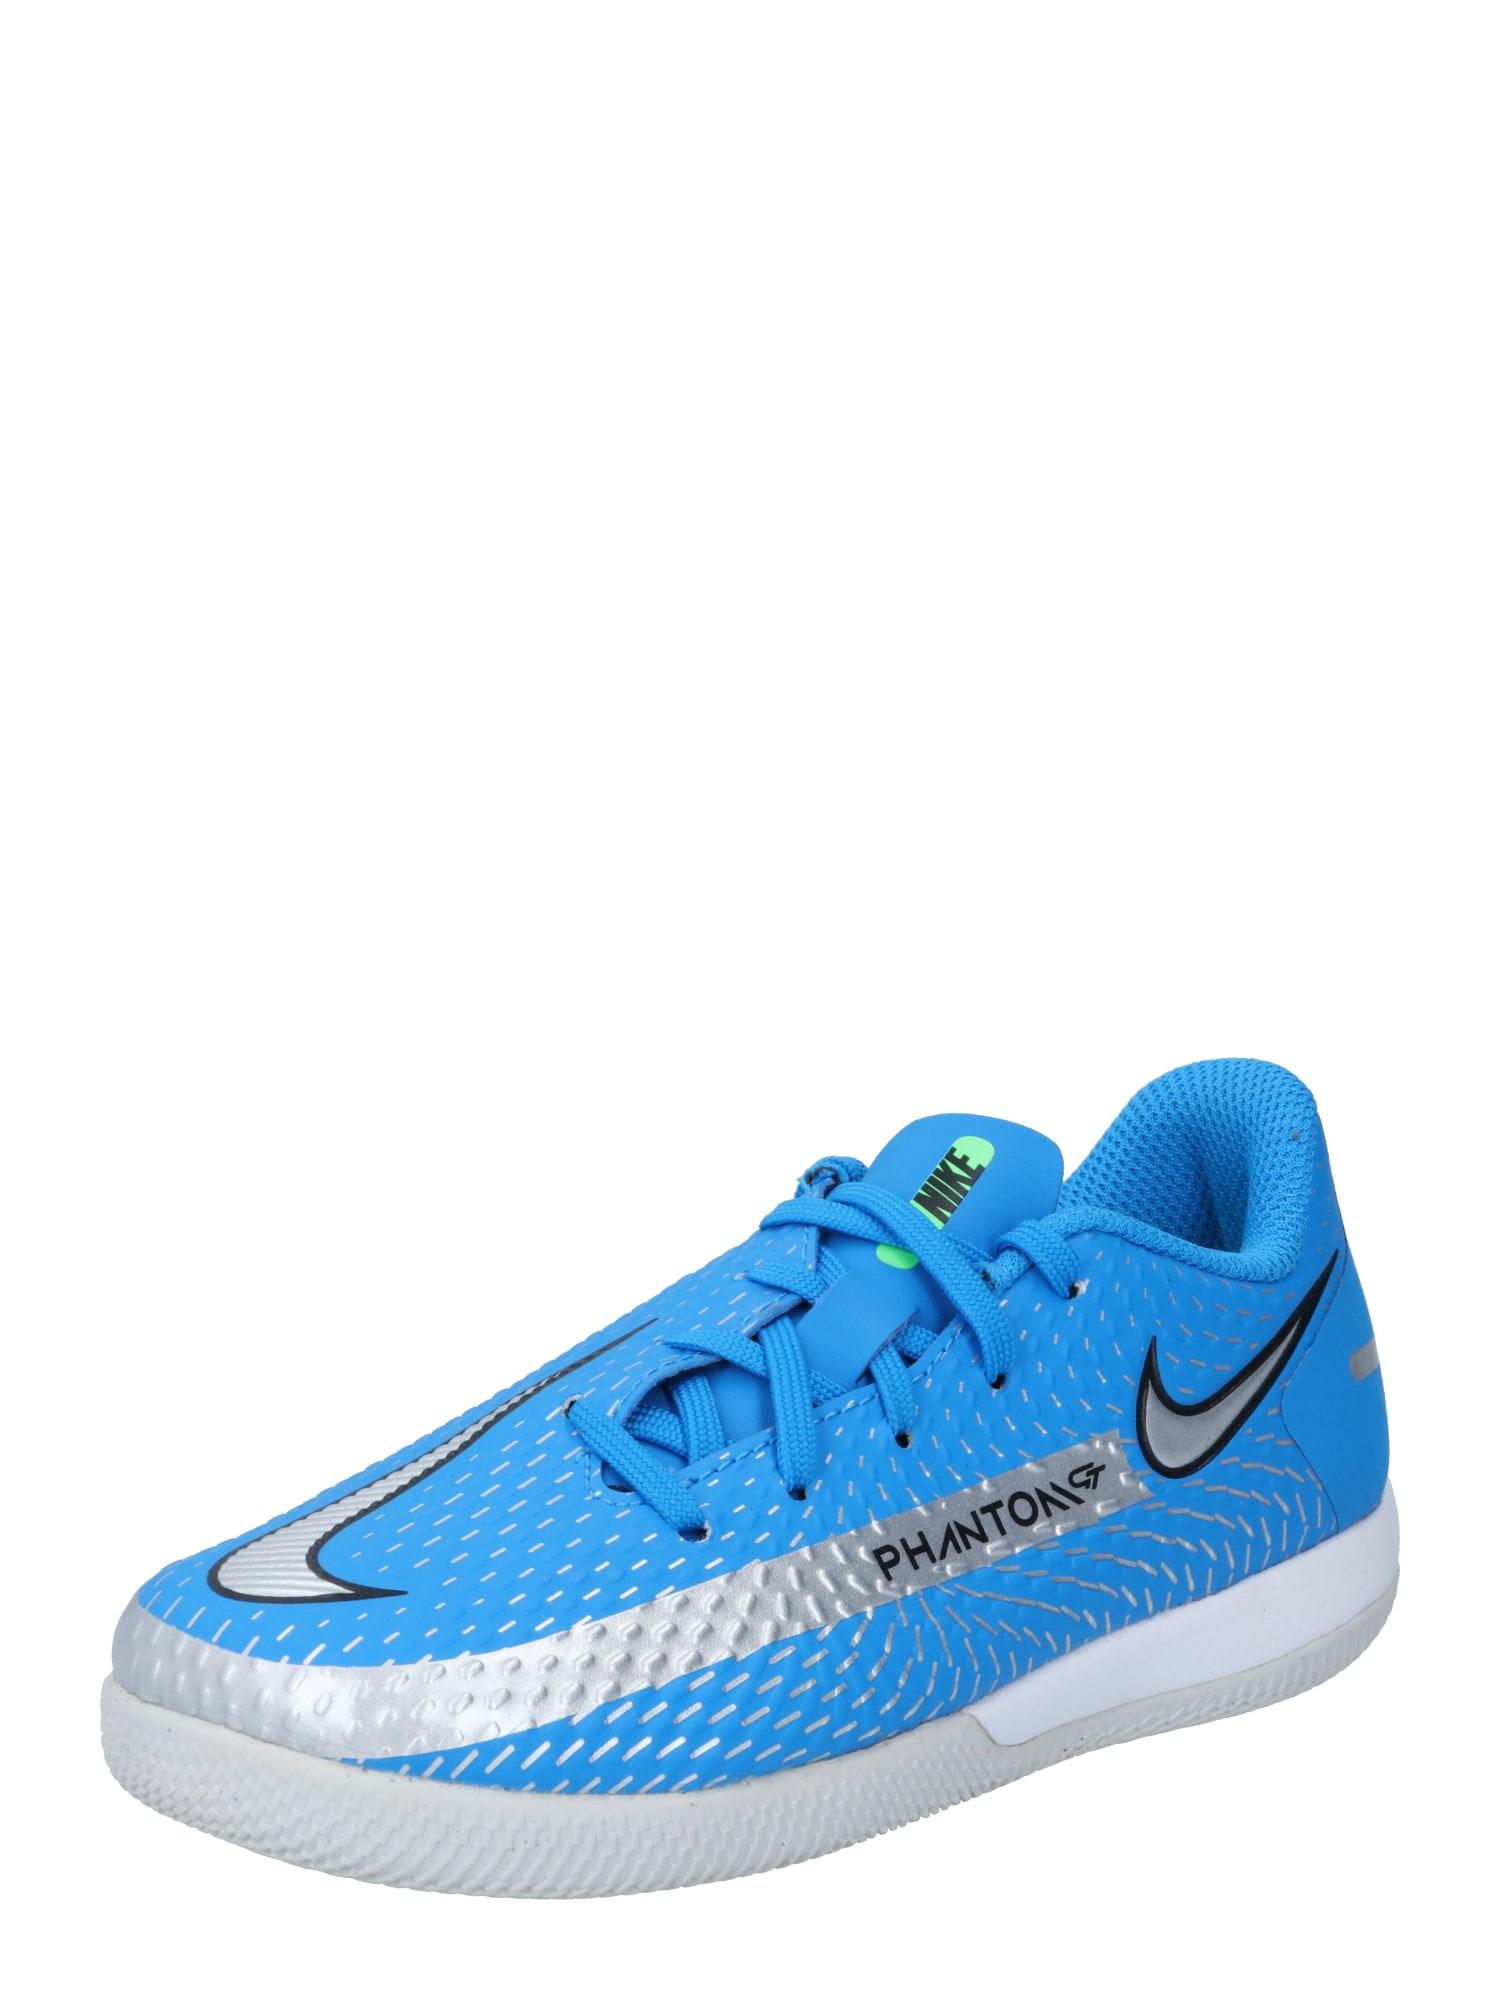 NIKE Sportiniai batai 'Phantom' mėlyna / pilka / juoda